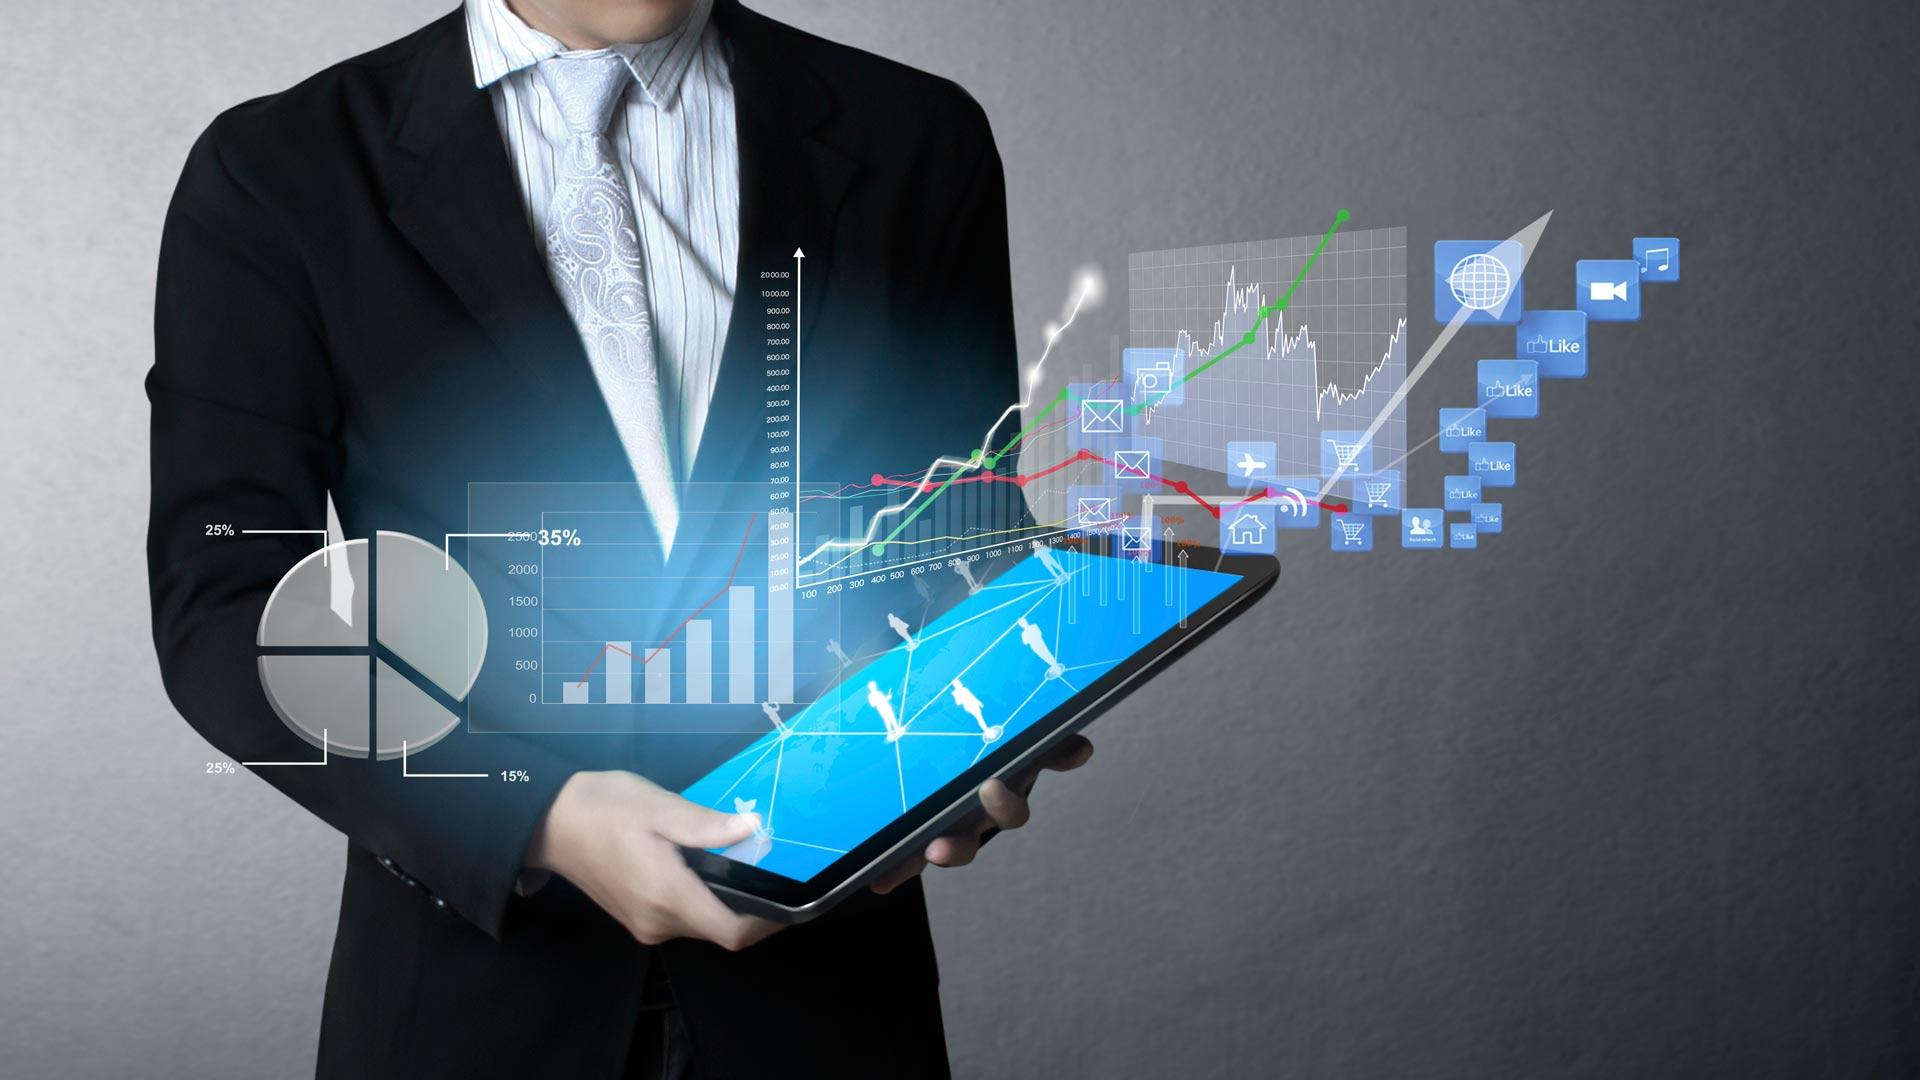 Les logiciels de comptabilité : comment je me suis tournée vers une nouvelle solution plus efficace ?